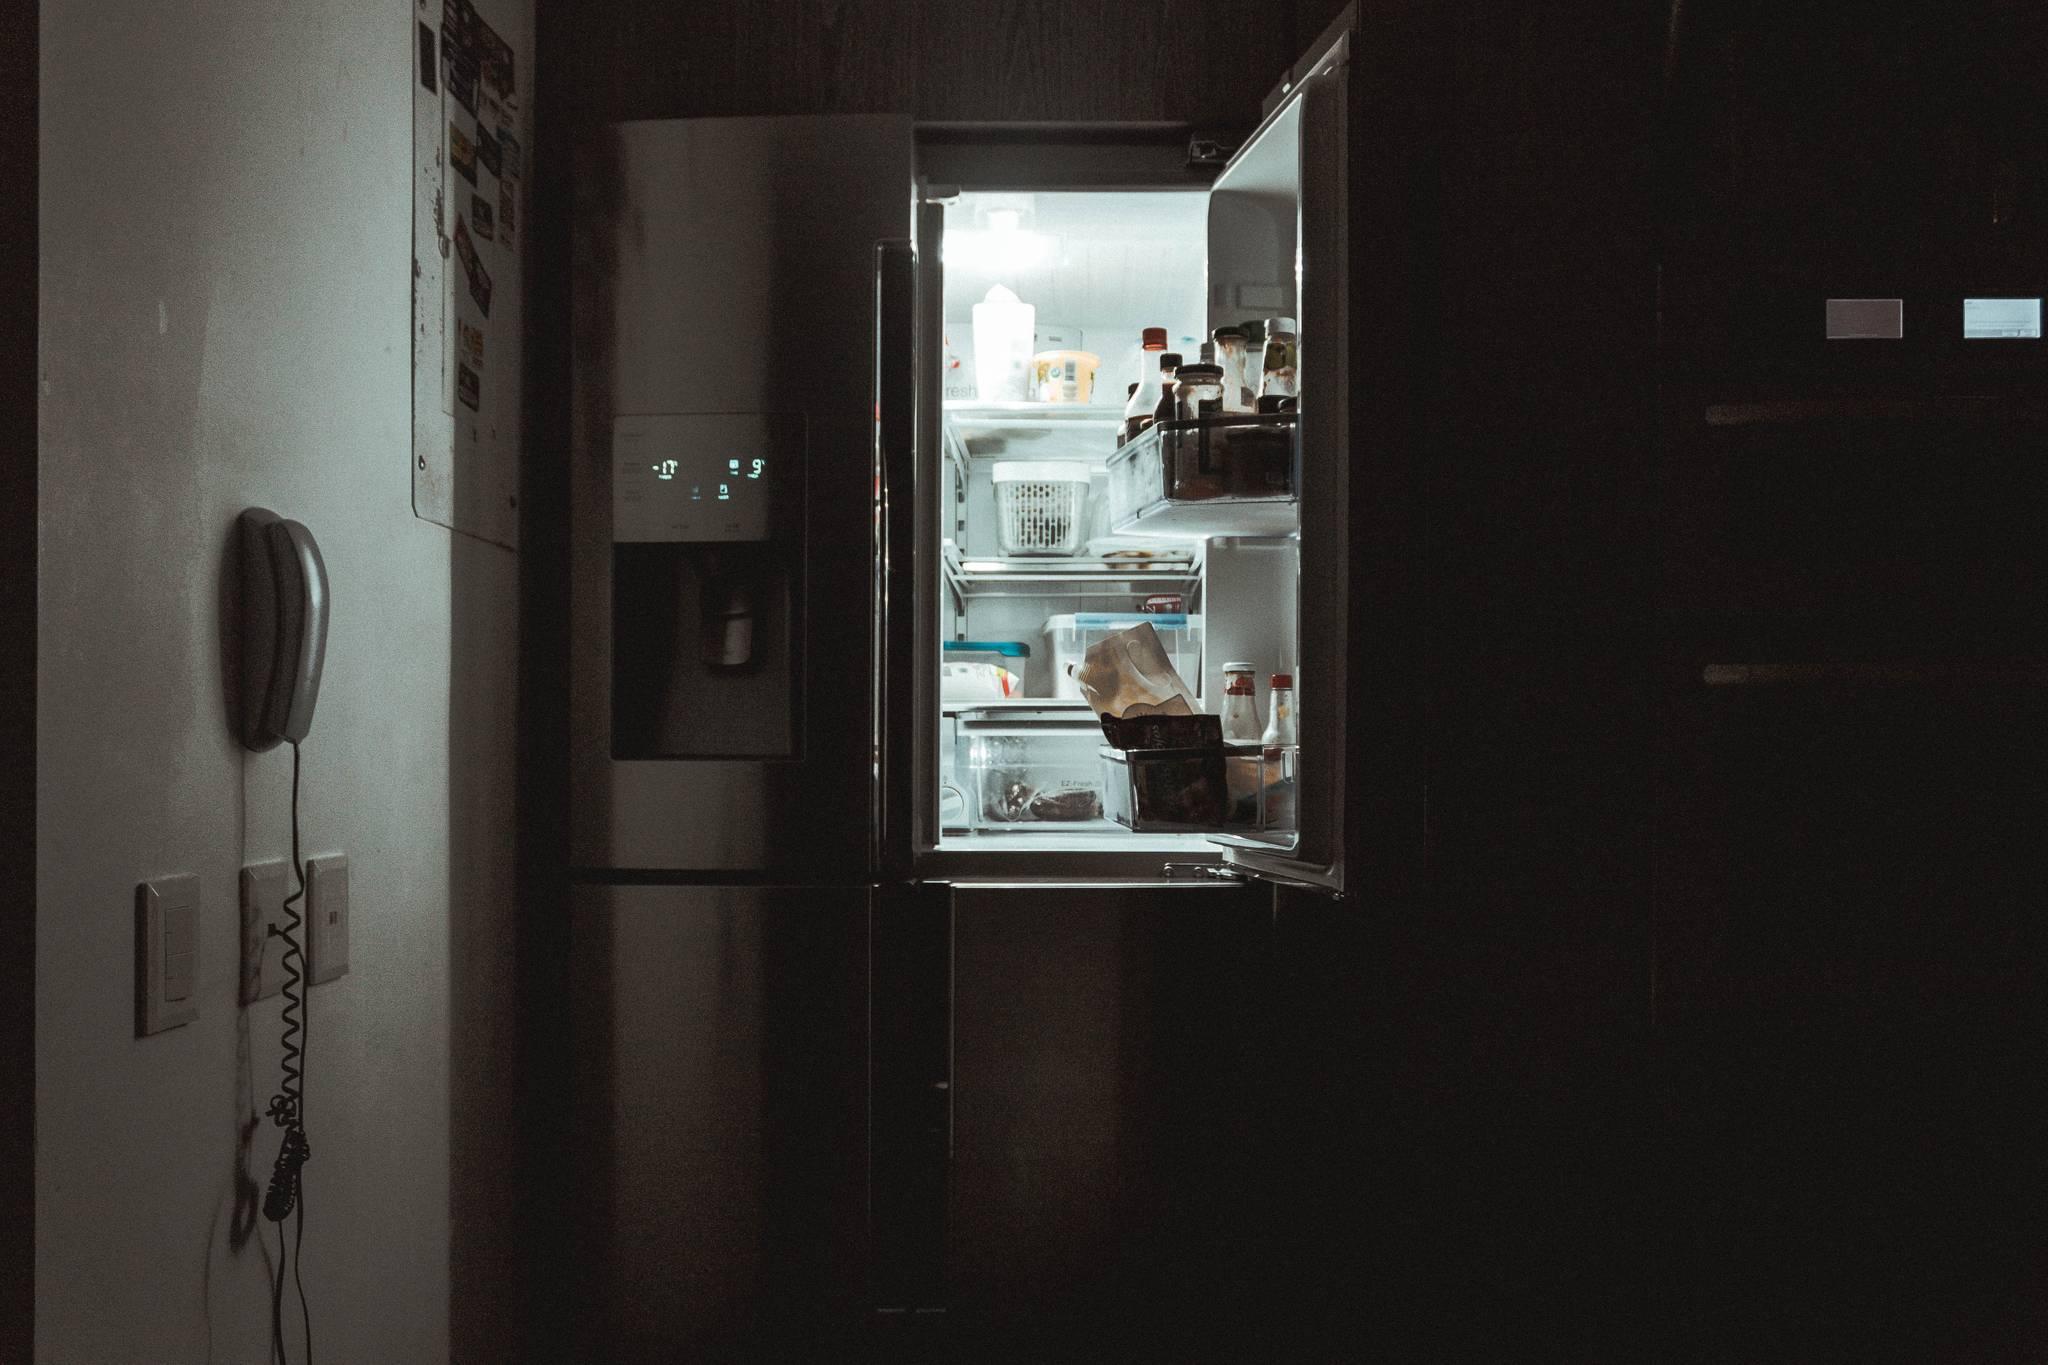 [ 9월 신작 - 살림을 말할 때 내가 하고 싶은 이야기 ] 우리집 냉장고는 말을 한다